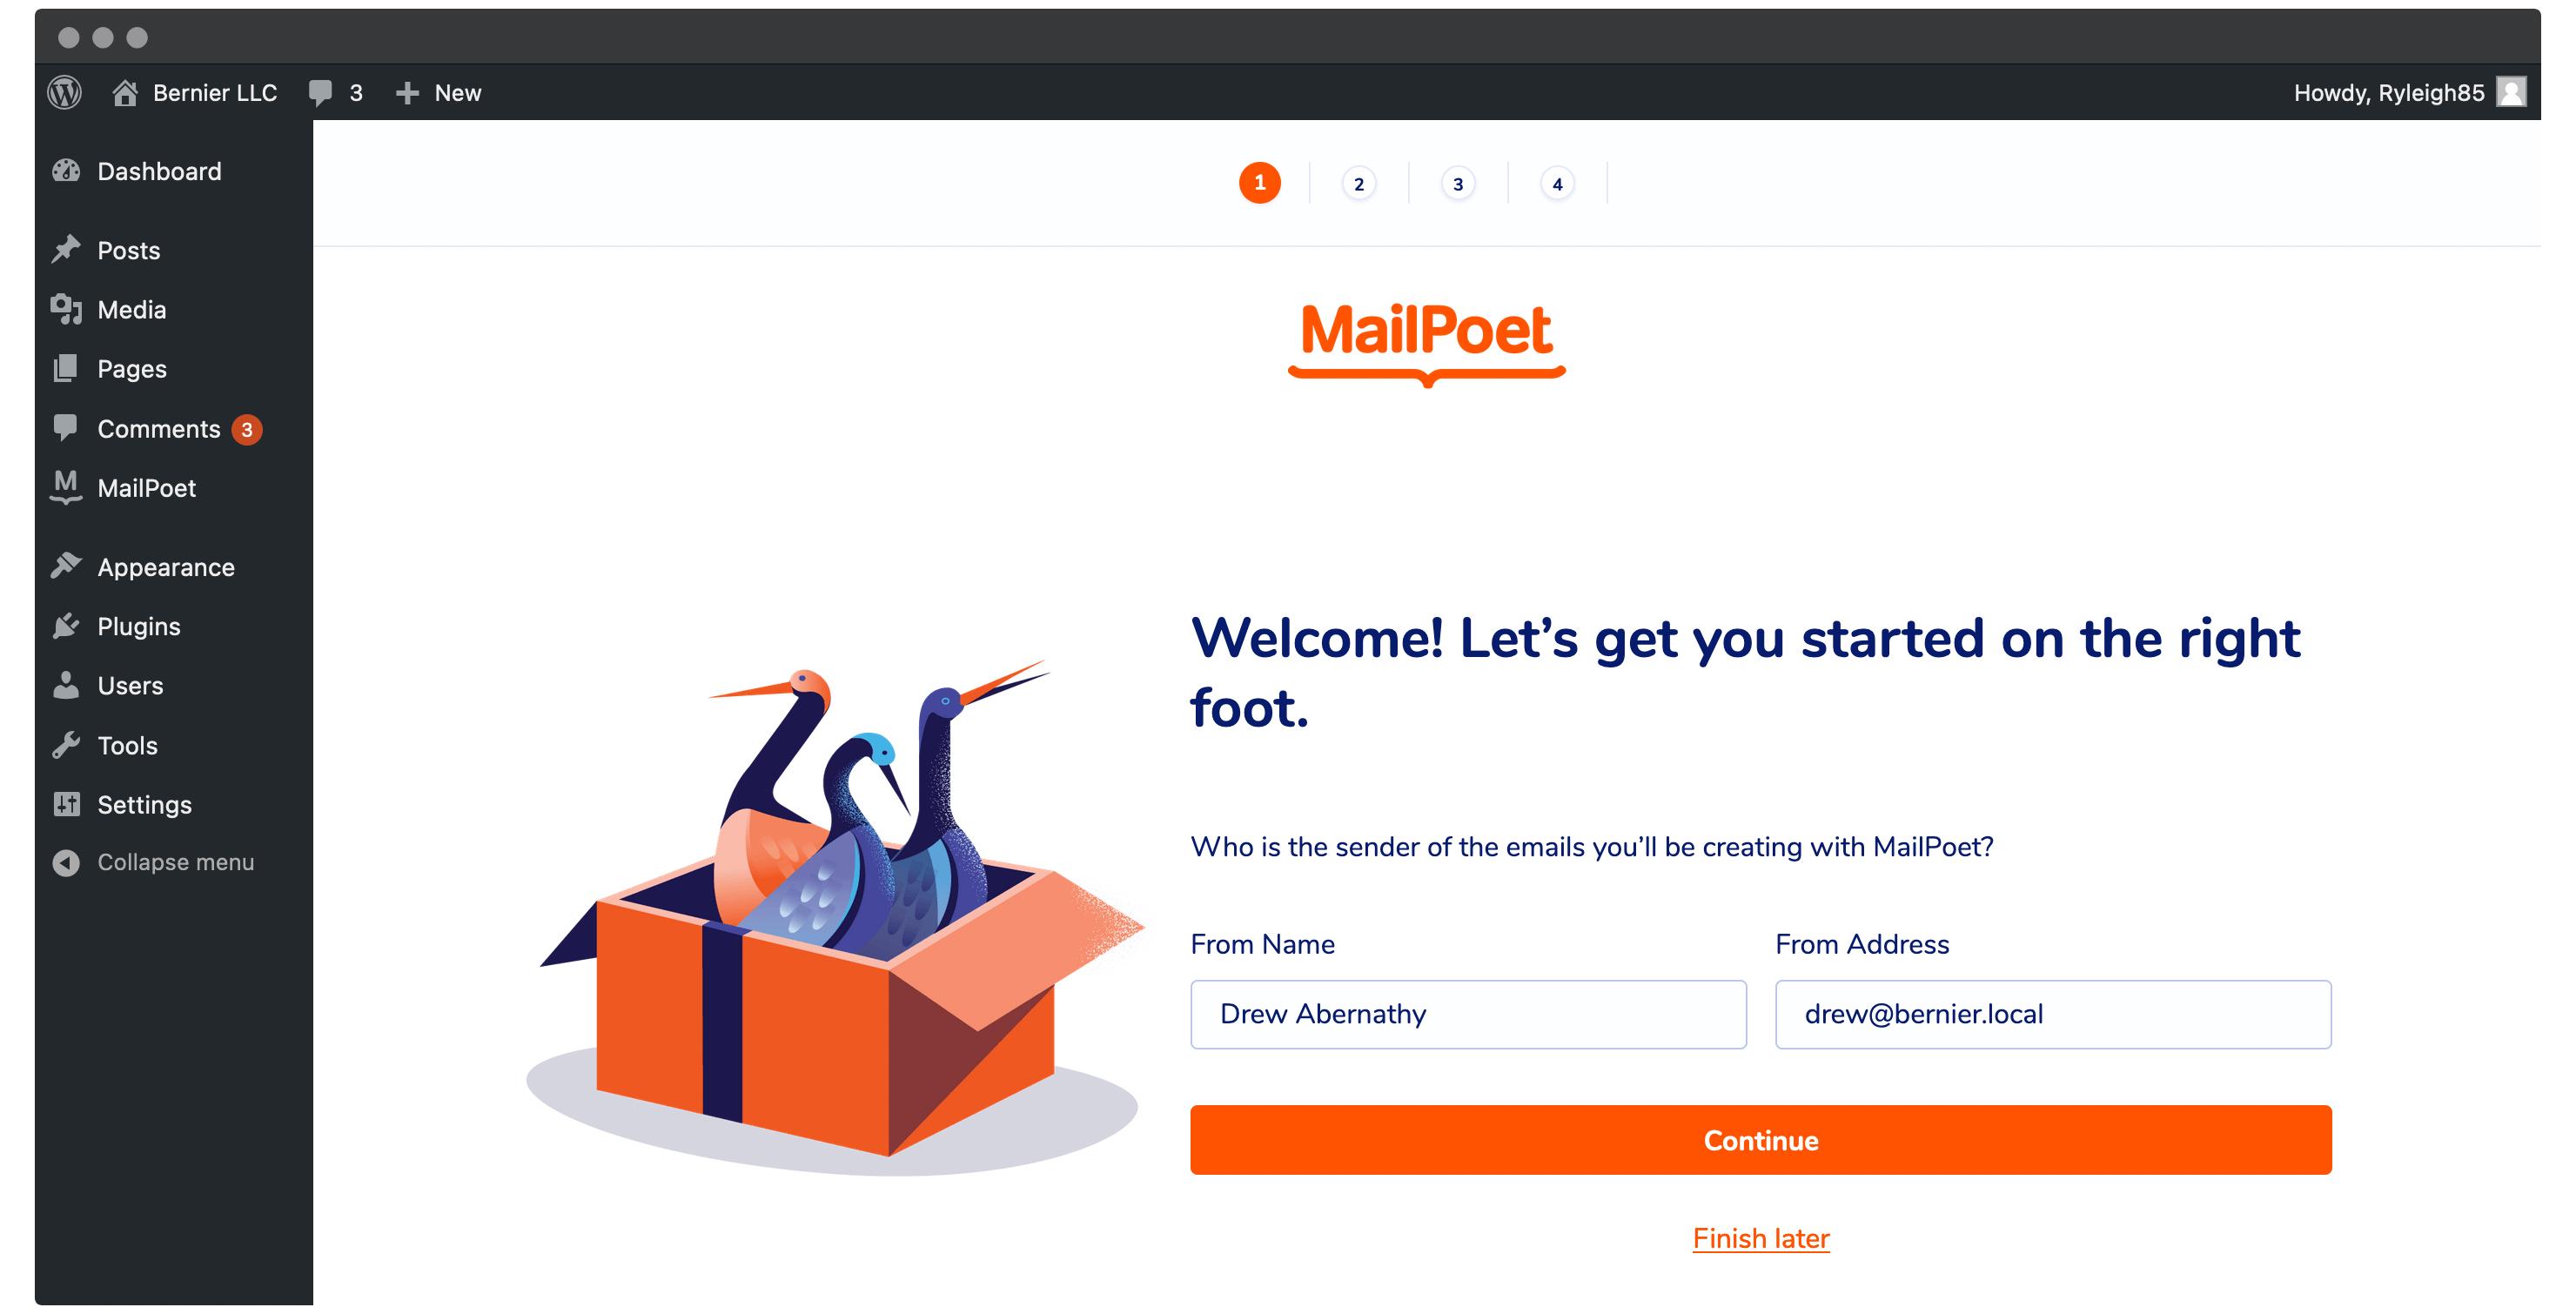 The MailPoet onboarding wizard.